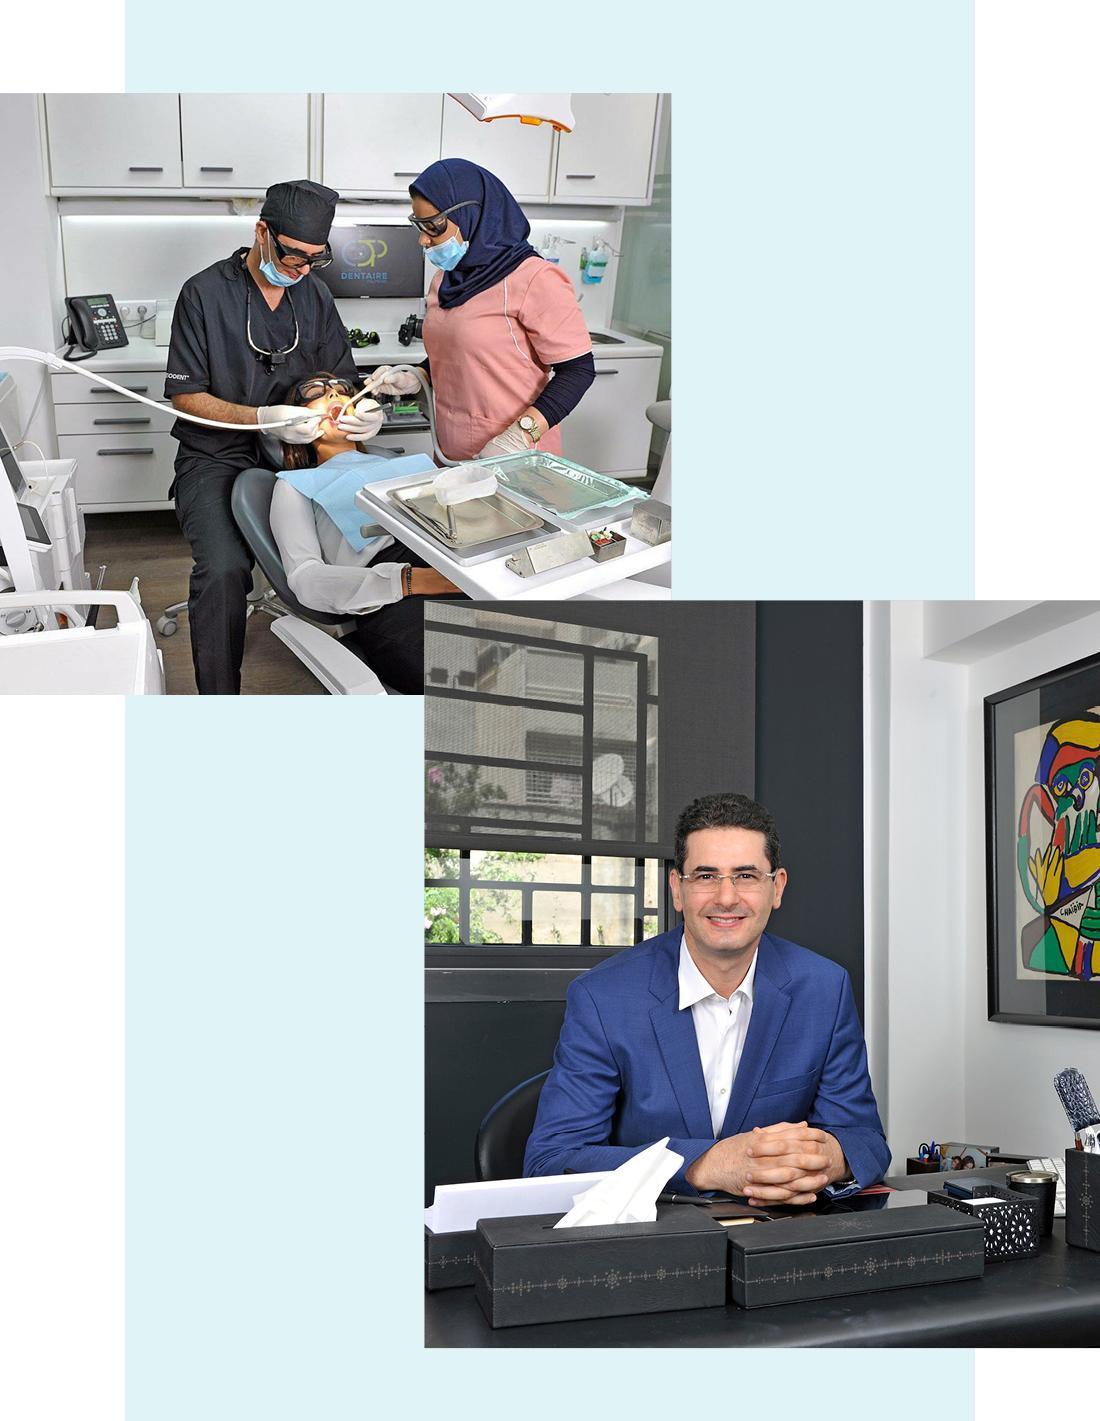 L'oeil de l'expert : La révolution numérique au service de la dentisterie